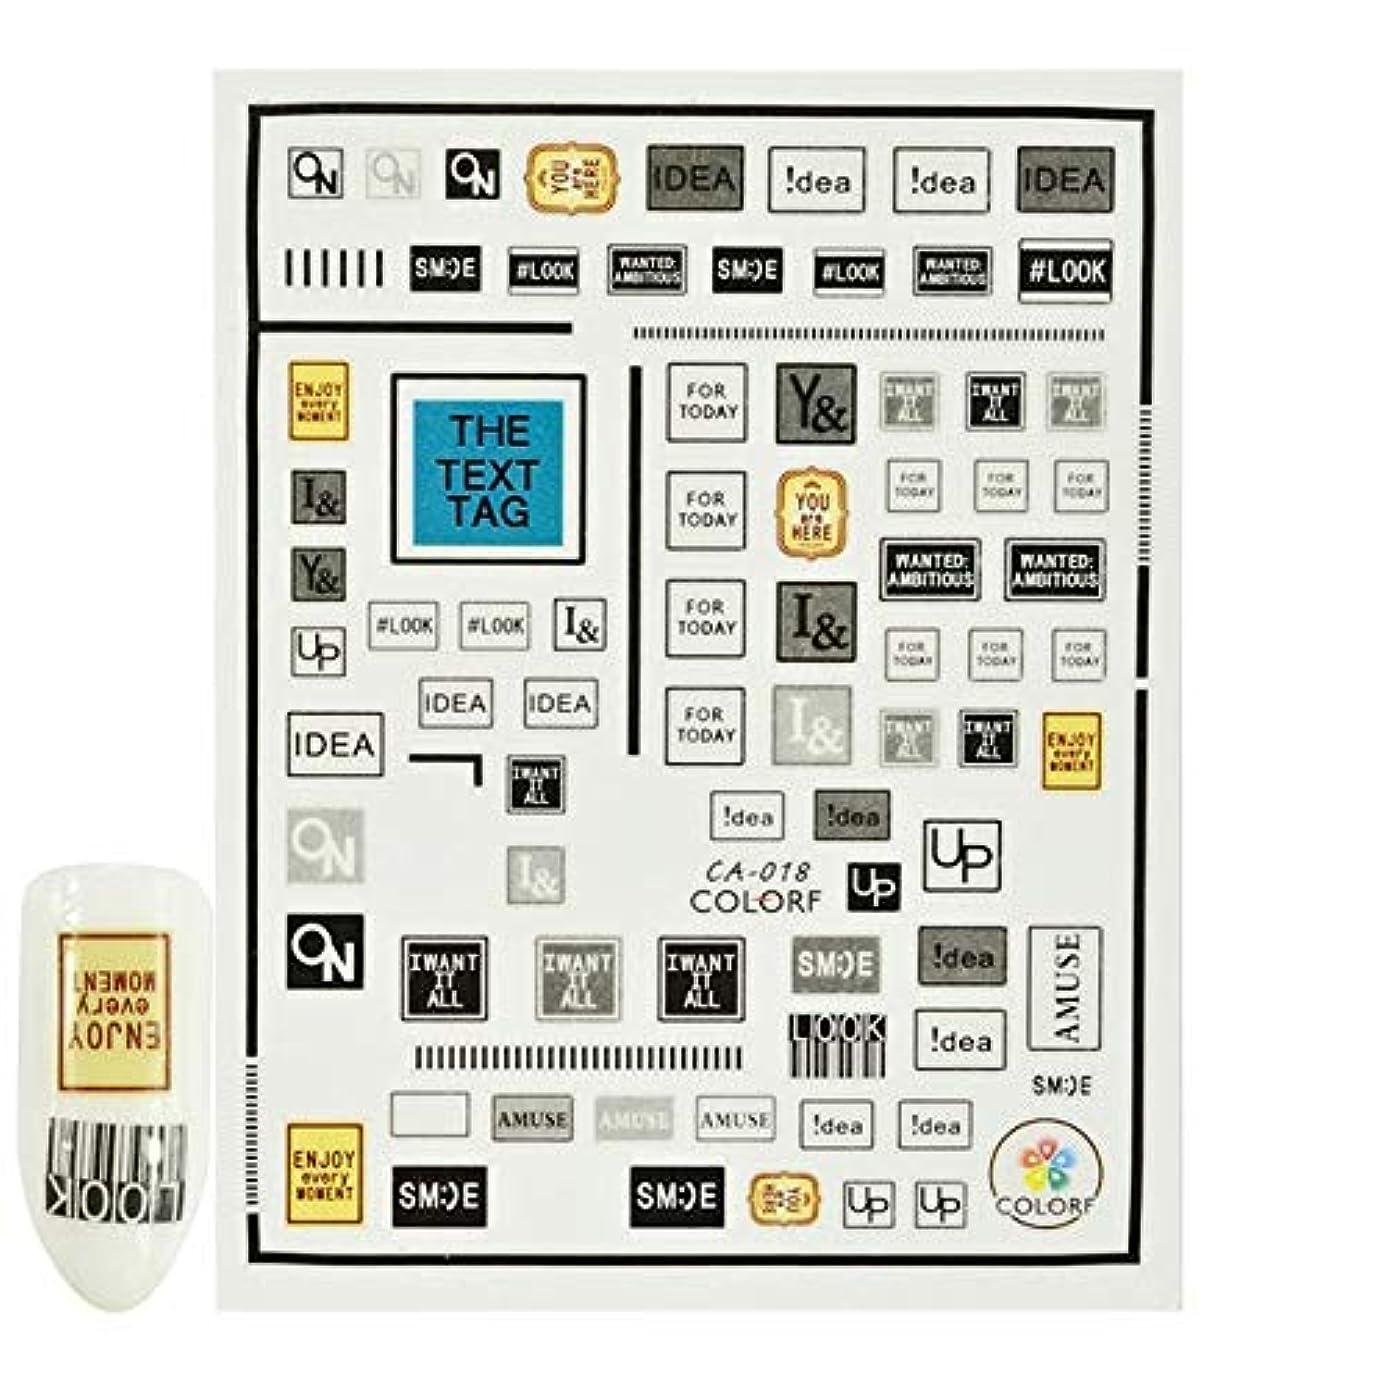 ストリップヒギンズ敬なSUKTI&XIAO ネイルステッカー 1ピース英語レターフラワーリトルエレメントハートネイルアートステッカーデカールヒントツール3dラップdiyマニキュアスライダーインテリア